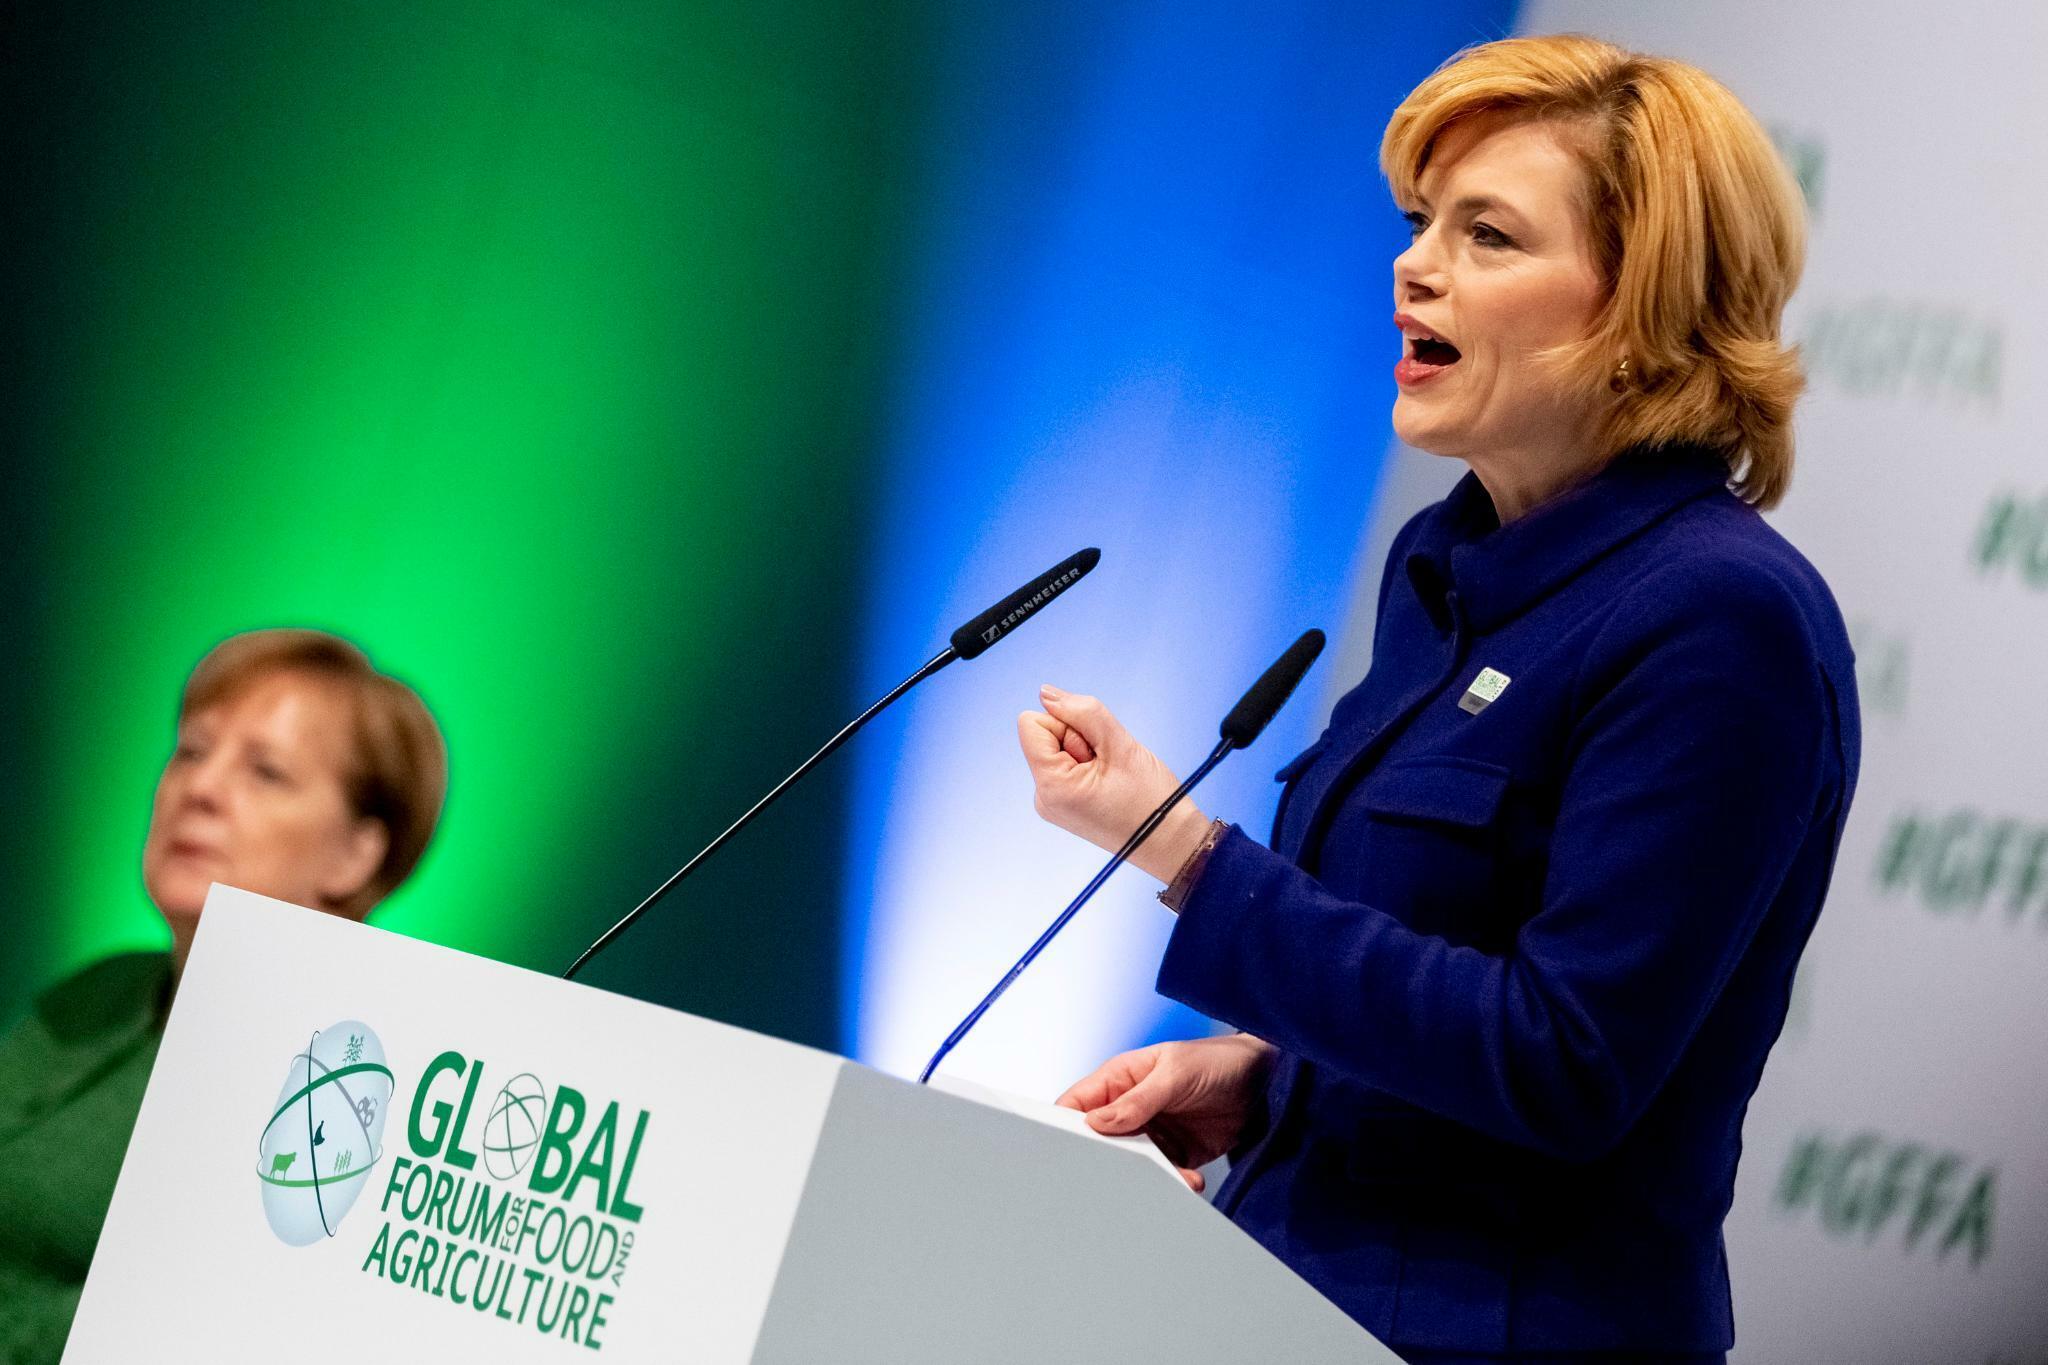 Julia Klöckner gene editing